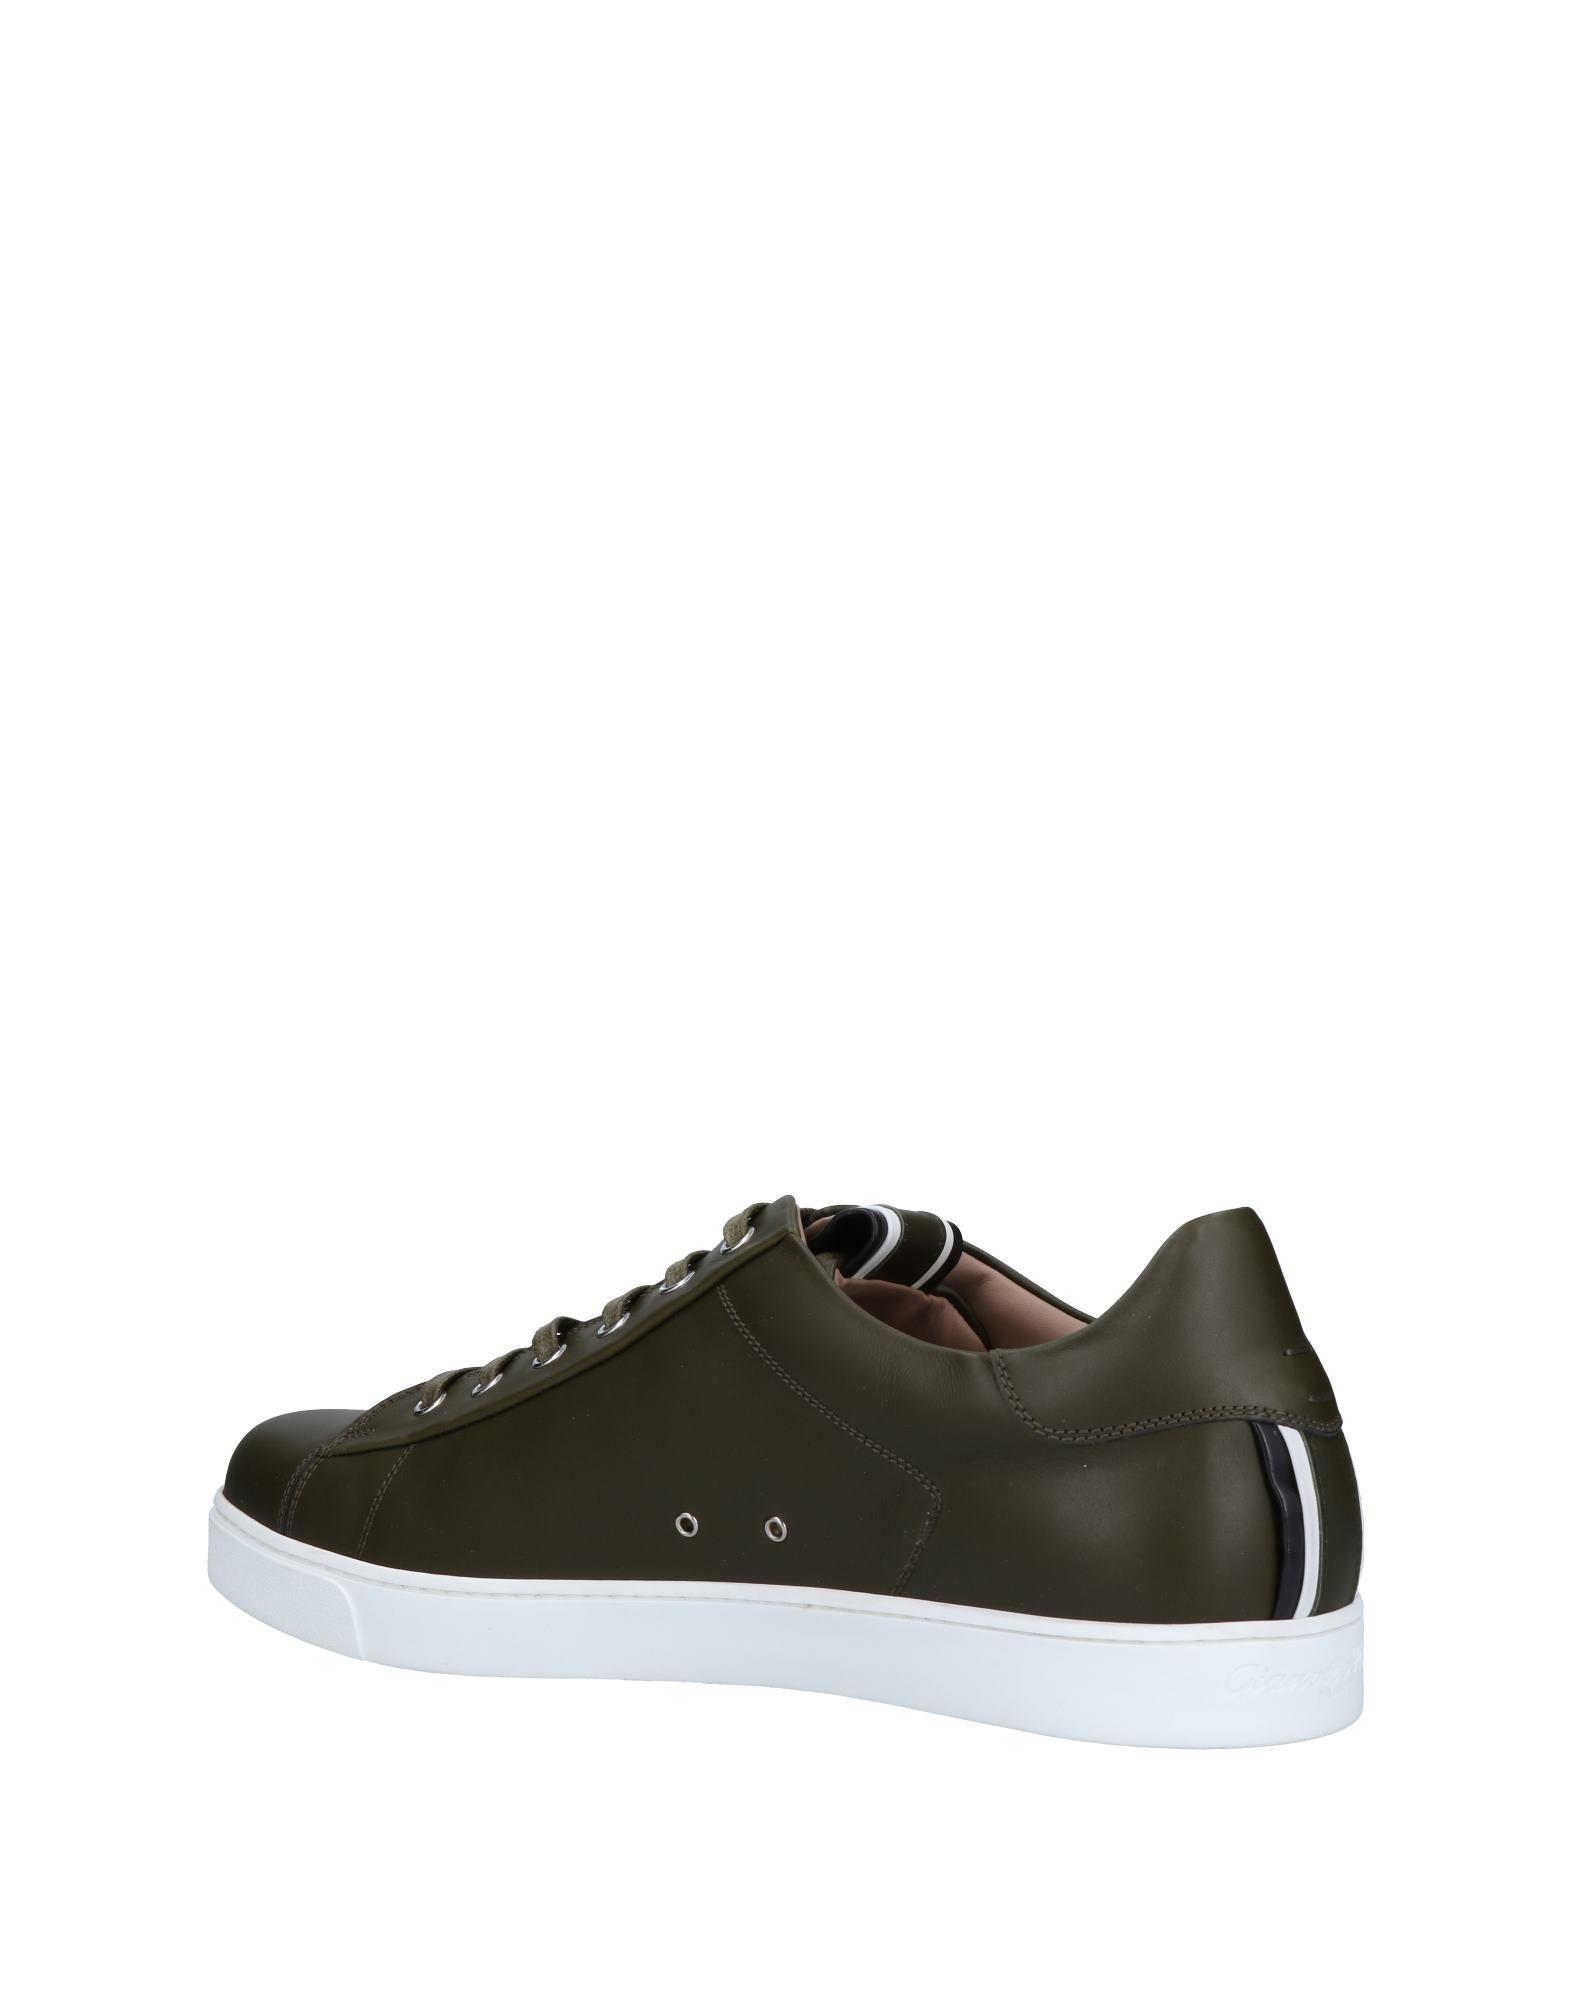 Gianvito Herren Rossi Sneakers Herren Gianvito  11501398FE 4de9f1